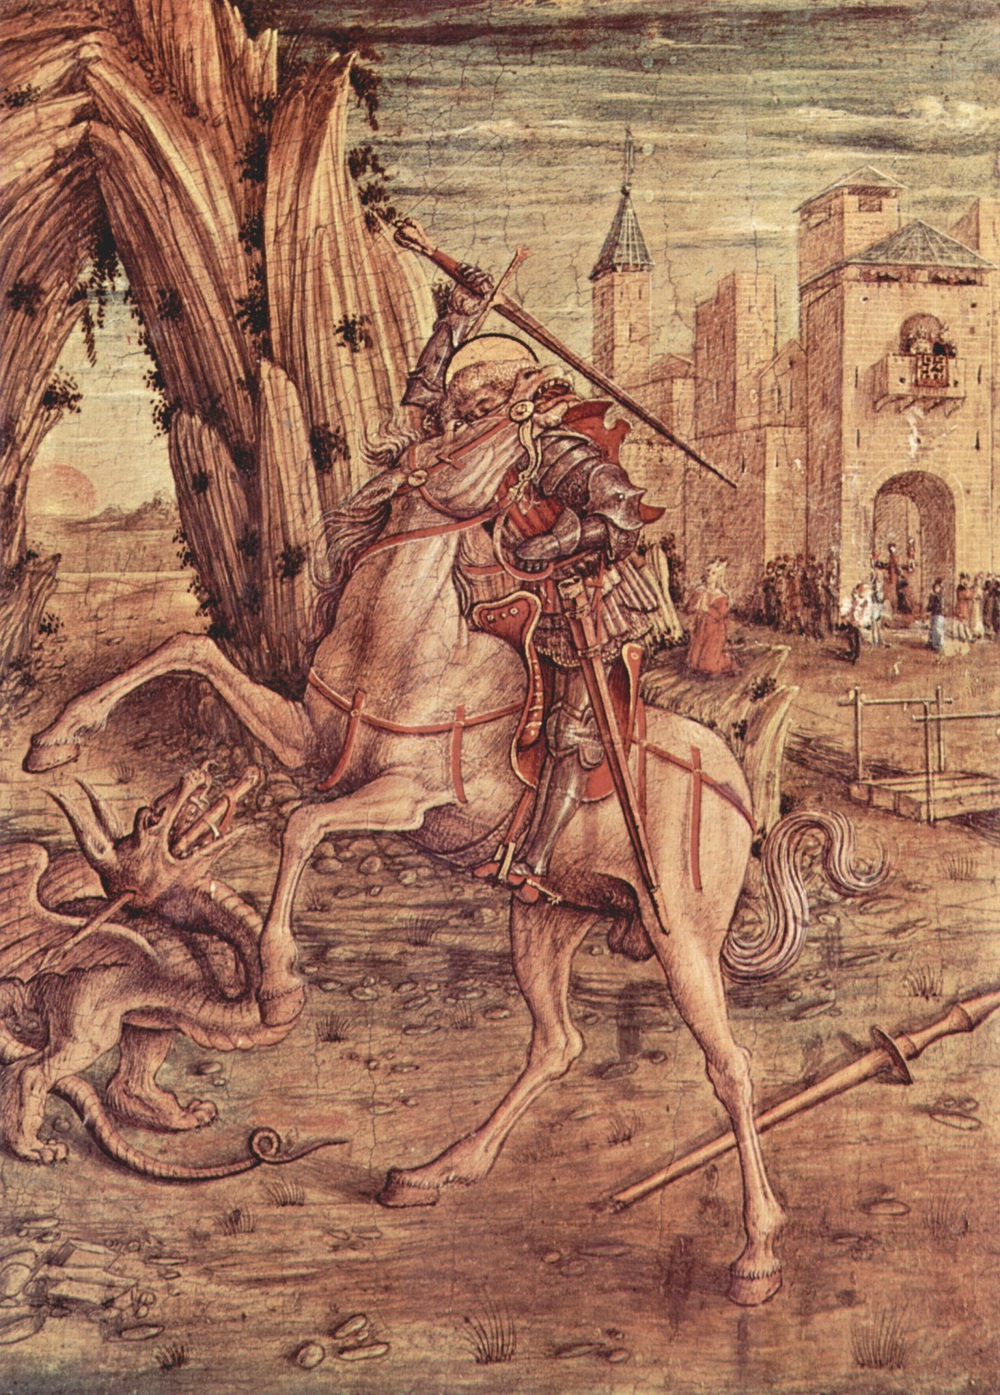 1450 Карло Кривелли (ок. 1430-1495) Алтарь семьи Одони, правая створка в основании алтаря_ св. Георгий и дракон.jpg